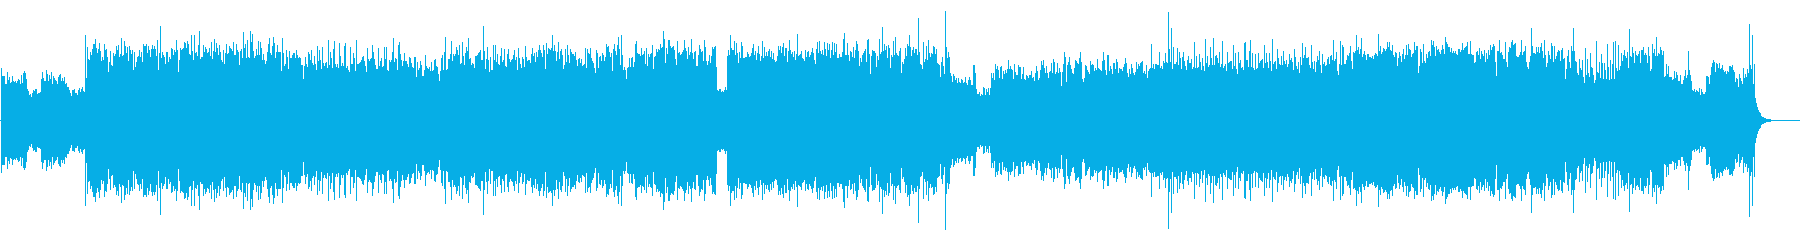 ギターサウンドが映えるROCKな楽曲の再生済みの波形